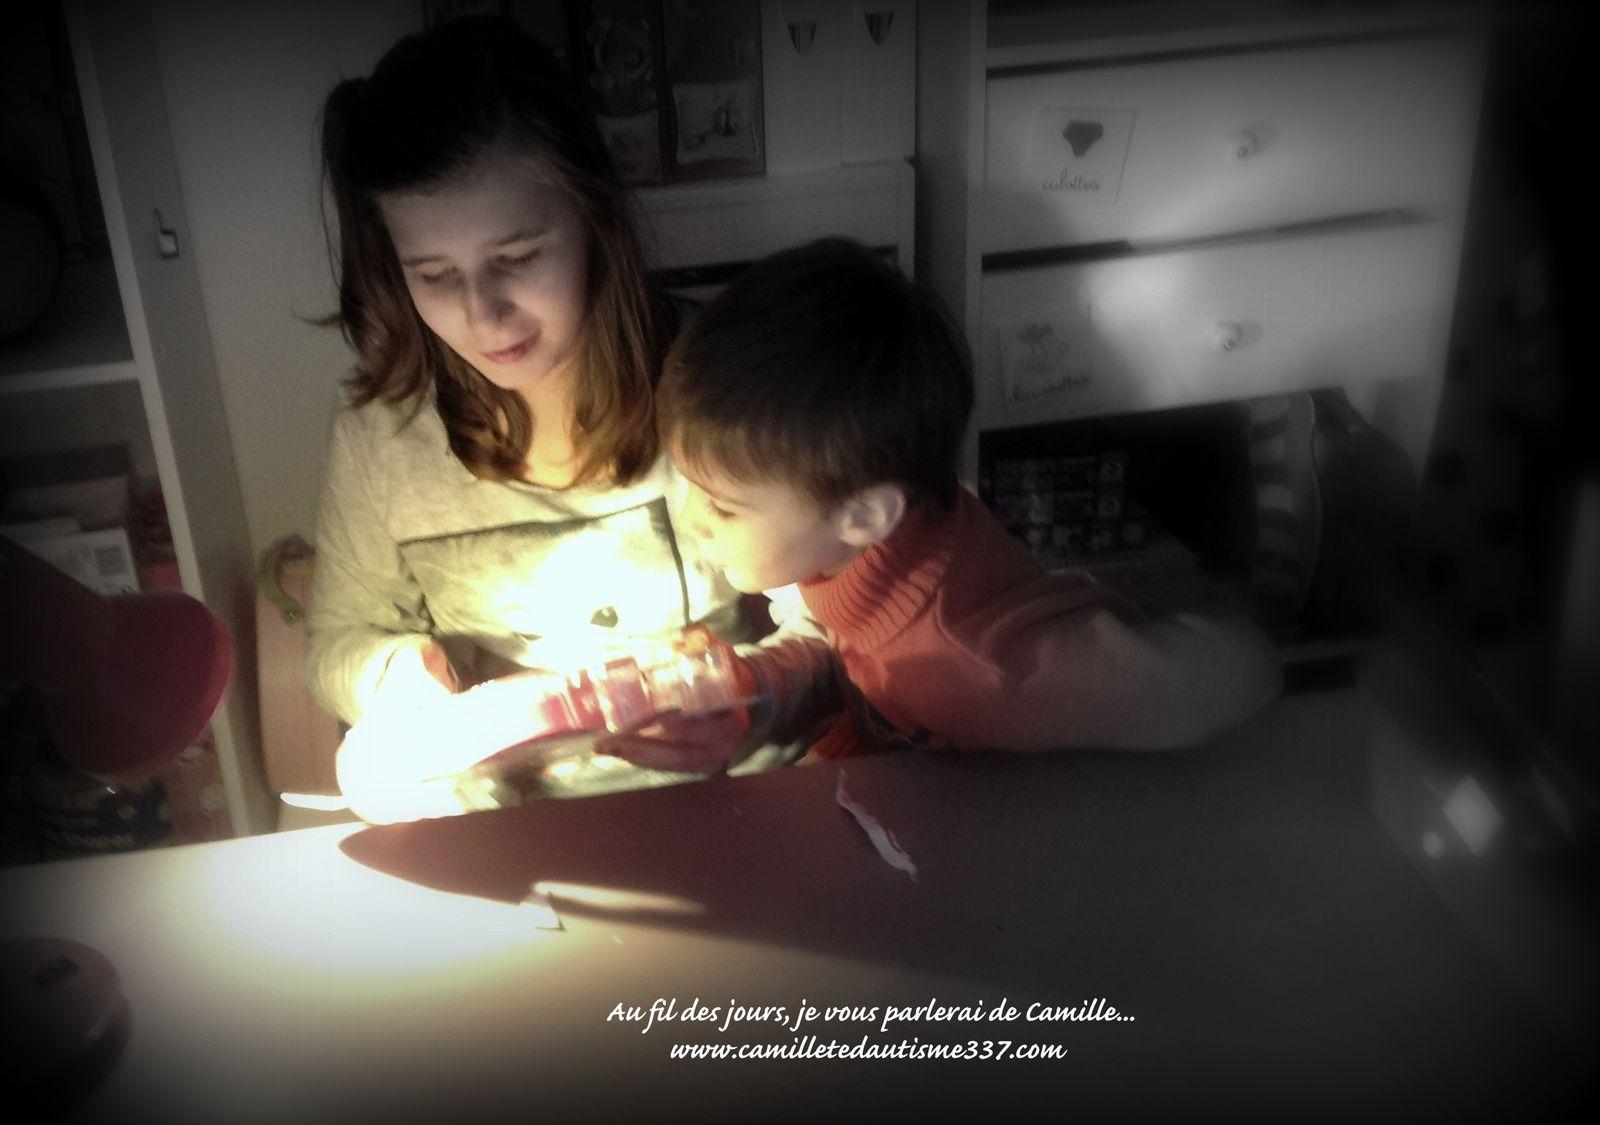 Le soir de Noël, Camille ouvre le cadeau de Maëlia: une mallette de vernis! Puis la réception de la lettre de Julie: toujours un grand moment d'émotion! Et le petit frère, attentif au contenu des cadeaux de sa sœur.